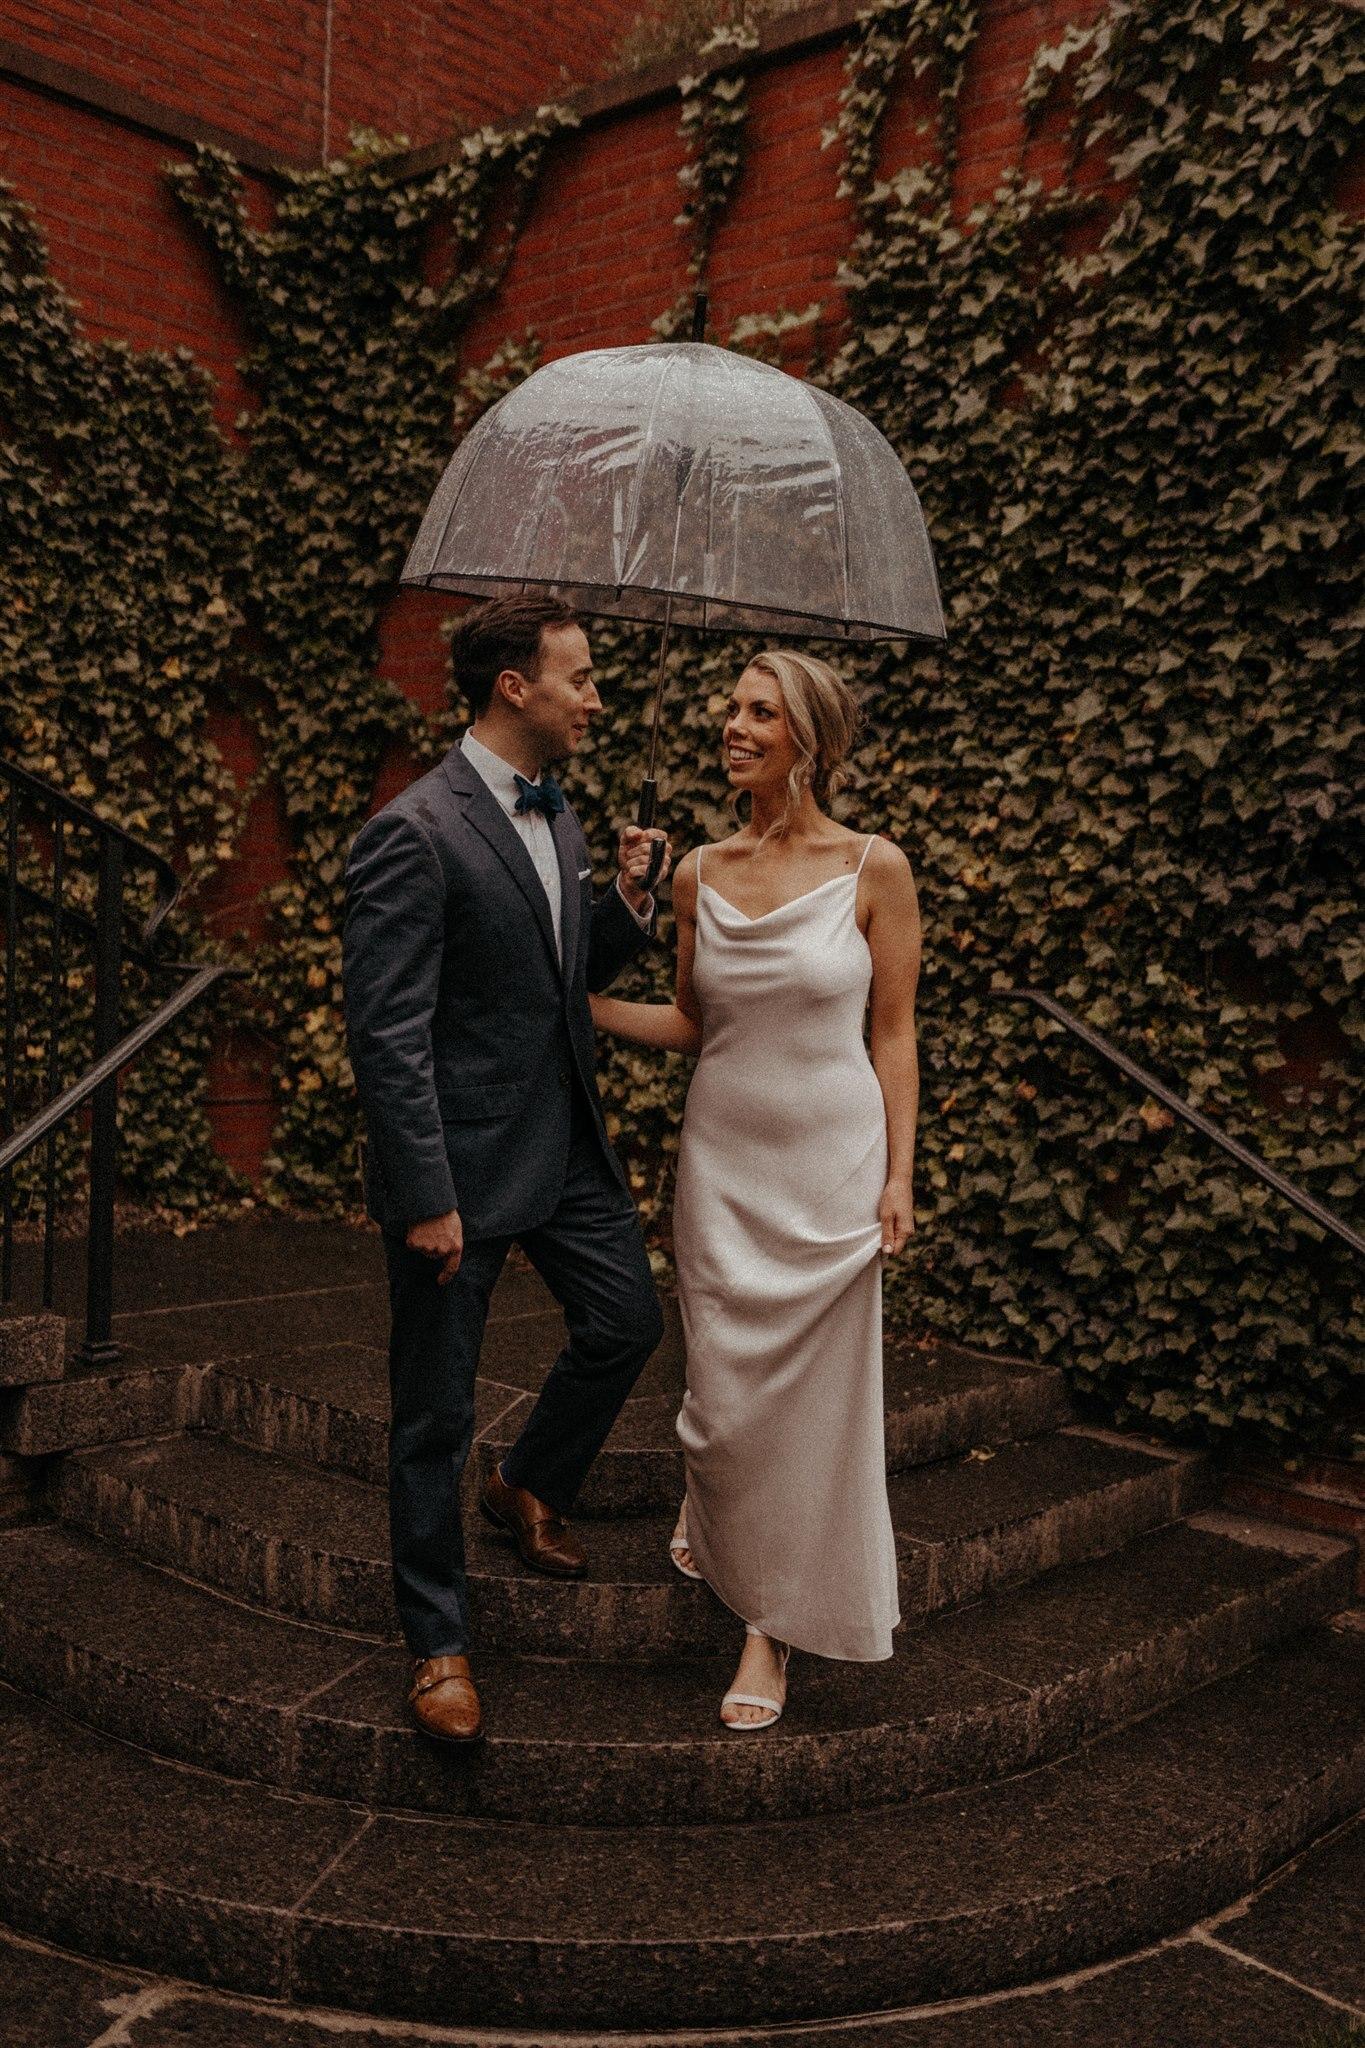 Bride & Groom Under Umbrella